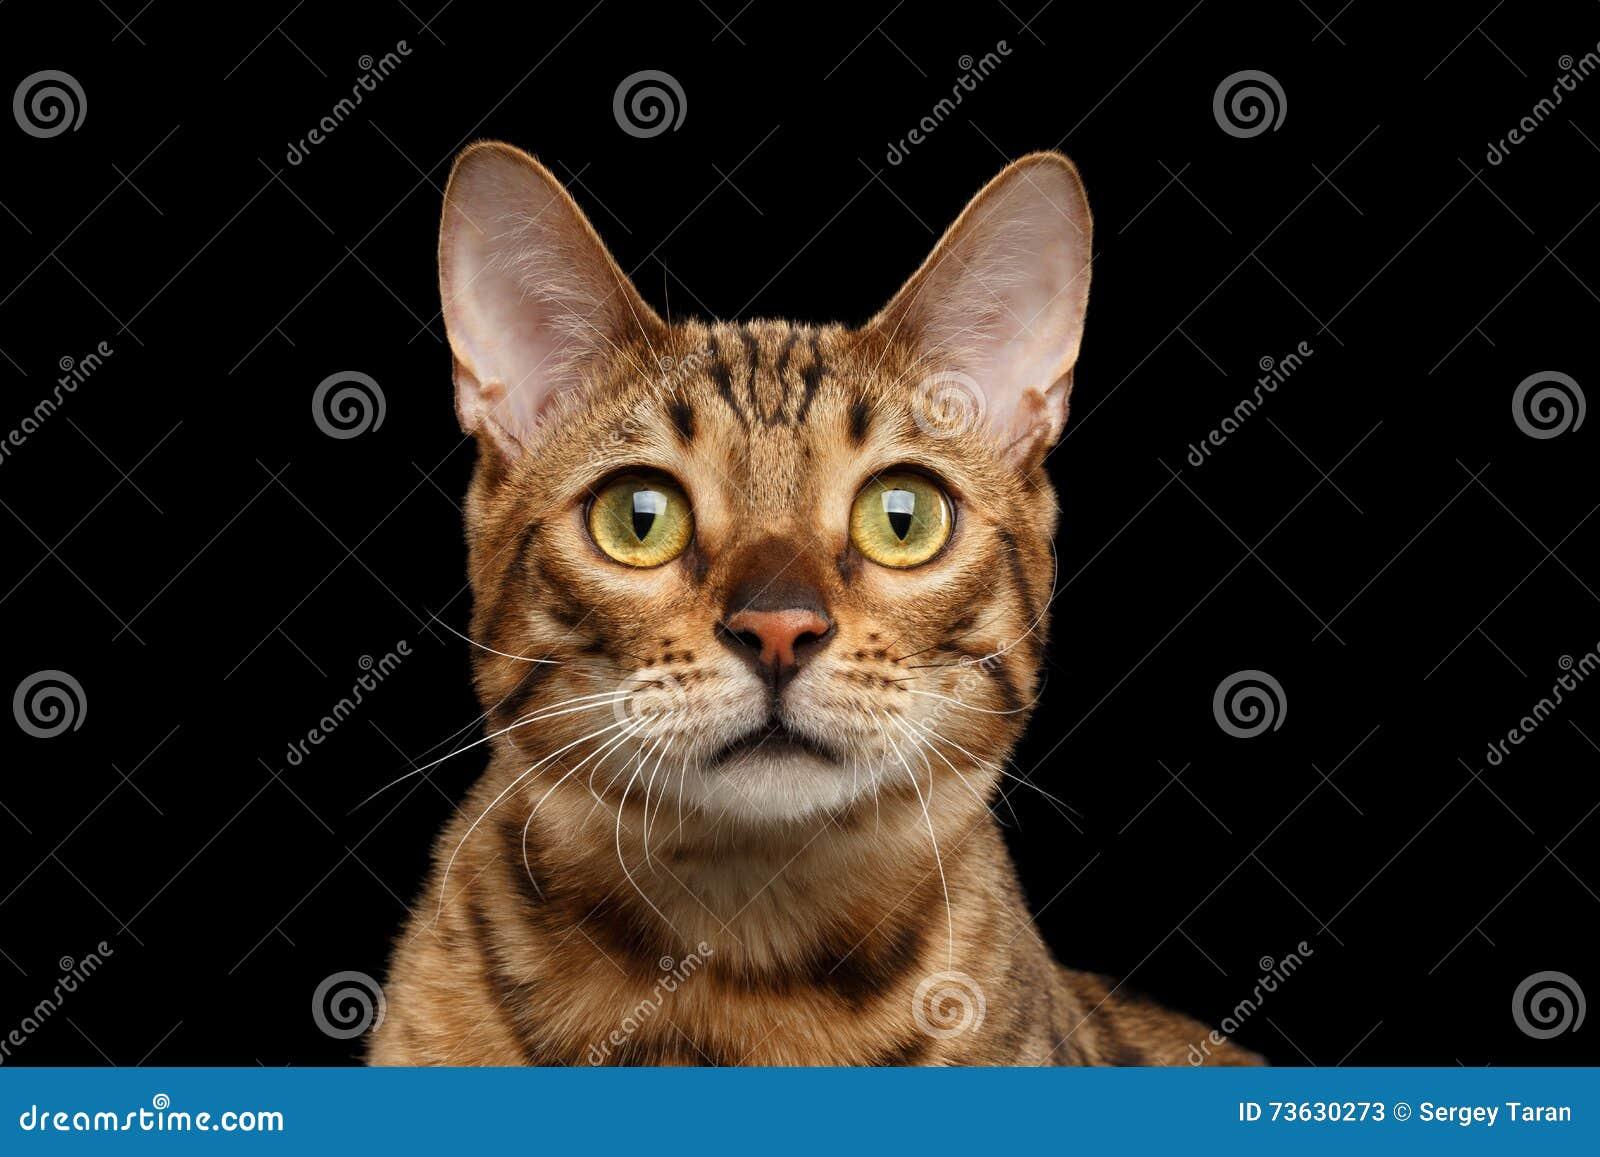 portrait en gros plan de chat curieux du bengale de visage fond noir d 39 isolement image stock. Black Bedroom Furniture Sets. Home Design Ideas